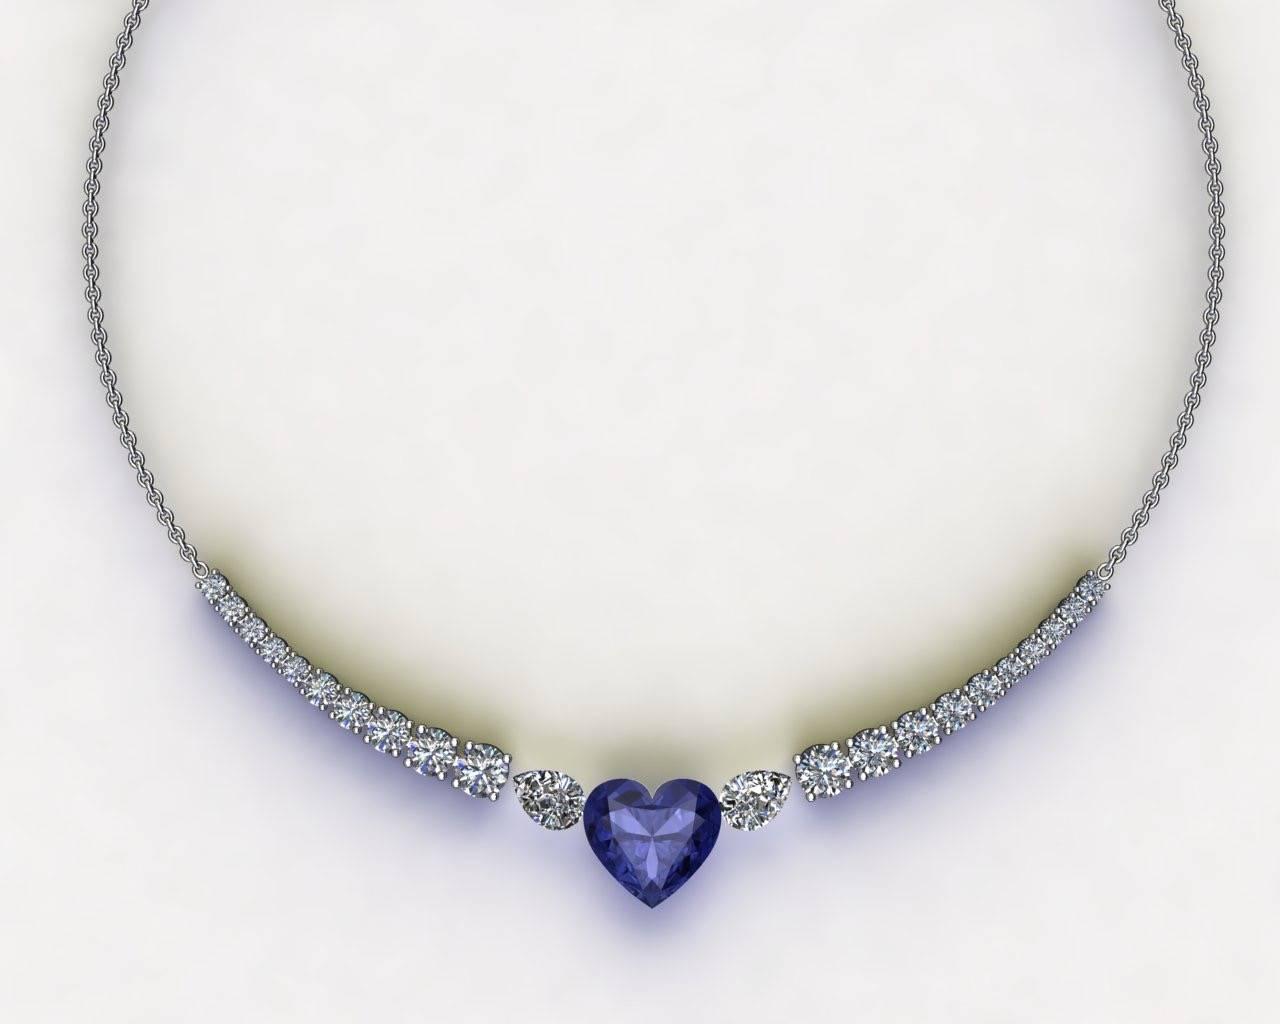 Aayraa jewels - Juwelen - House of Weddings - 7